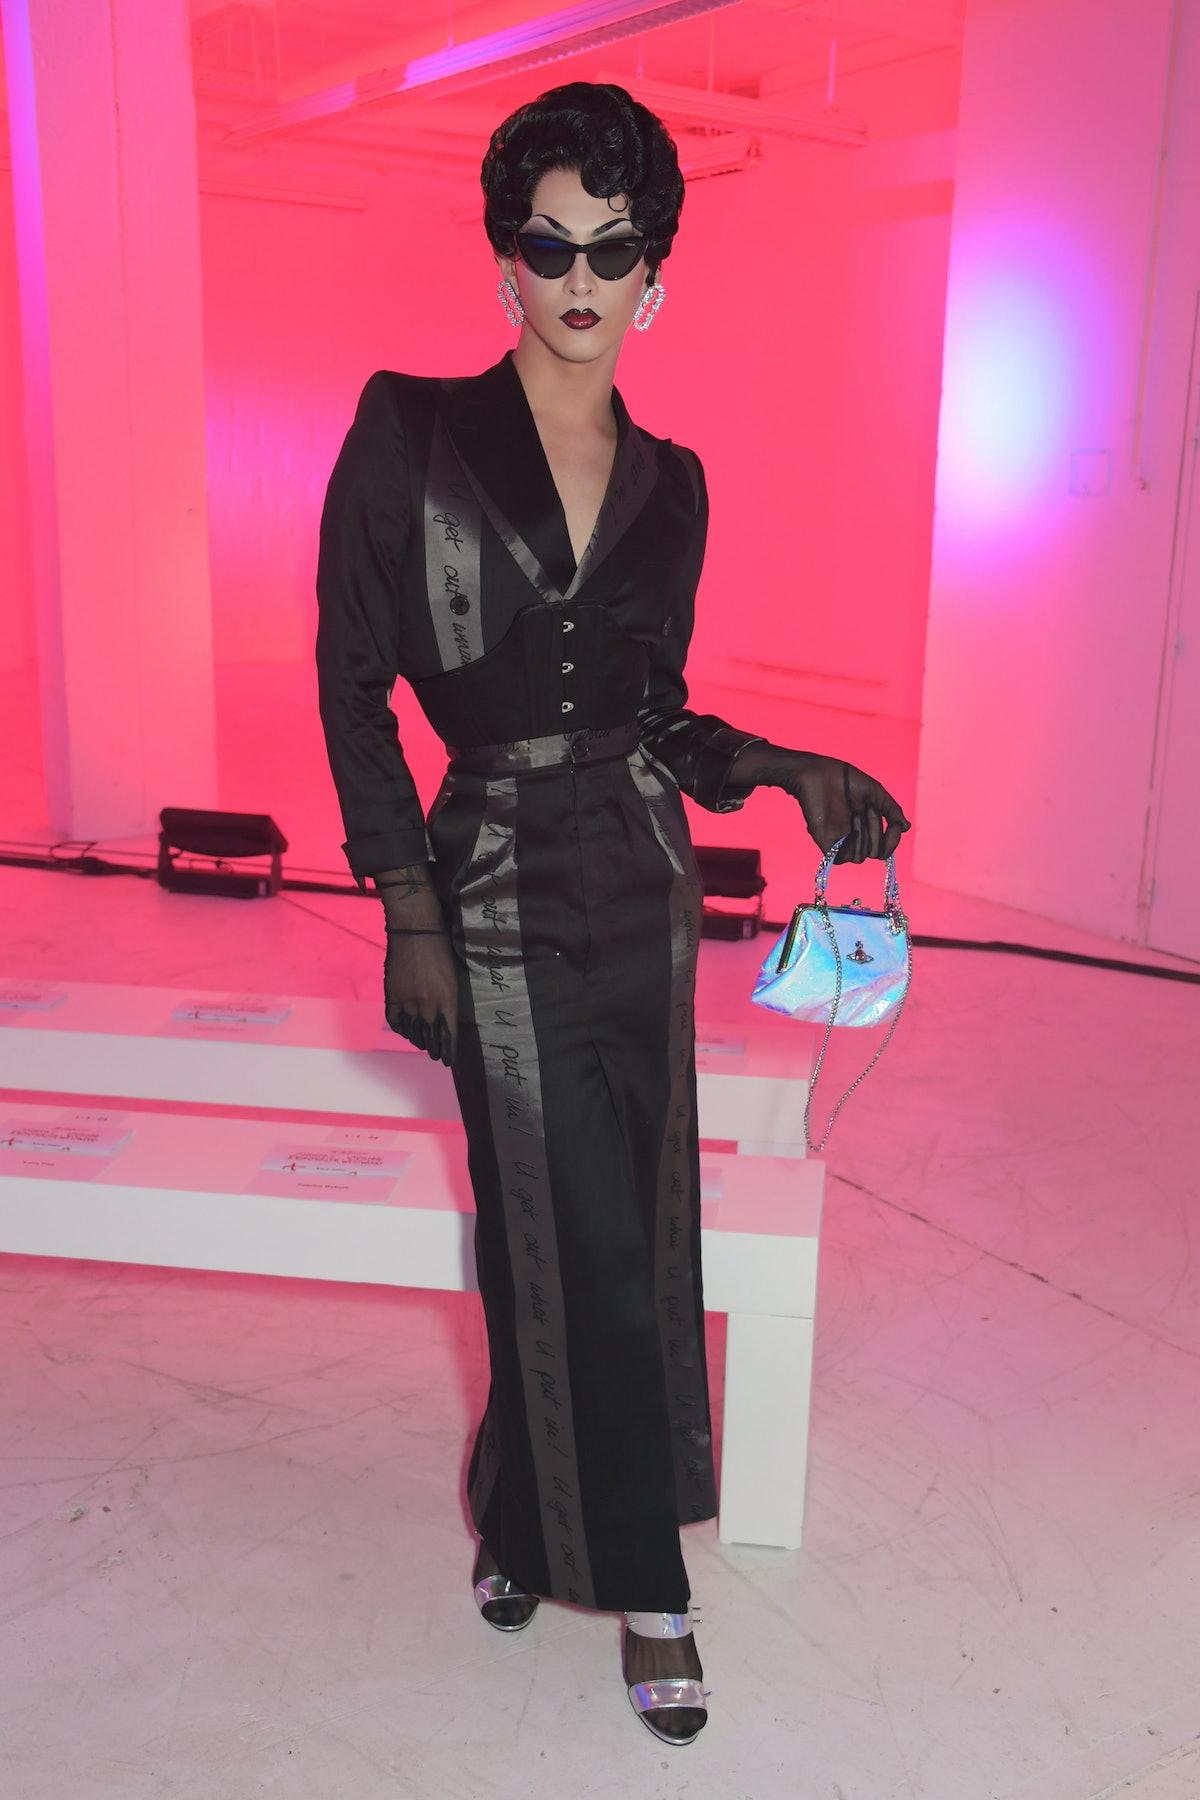 Violet Chachki in all black.